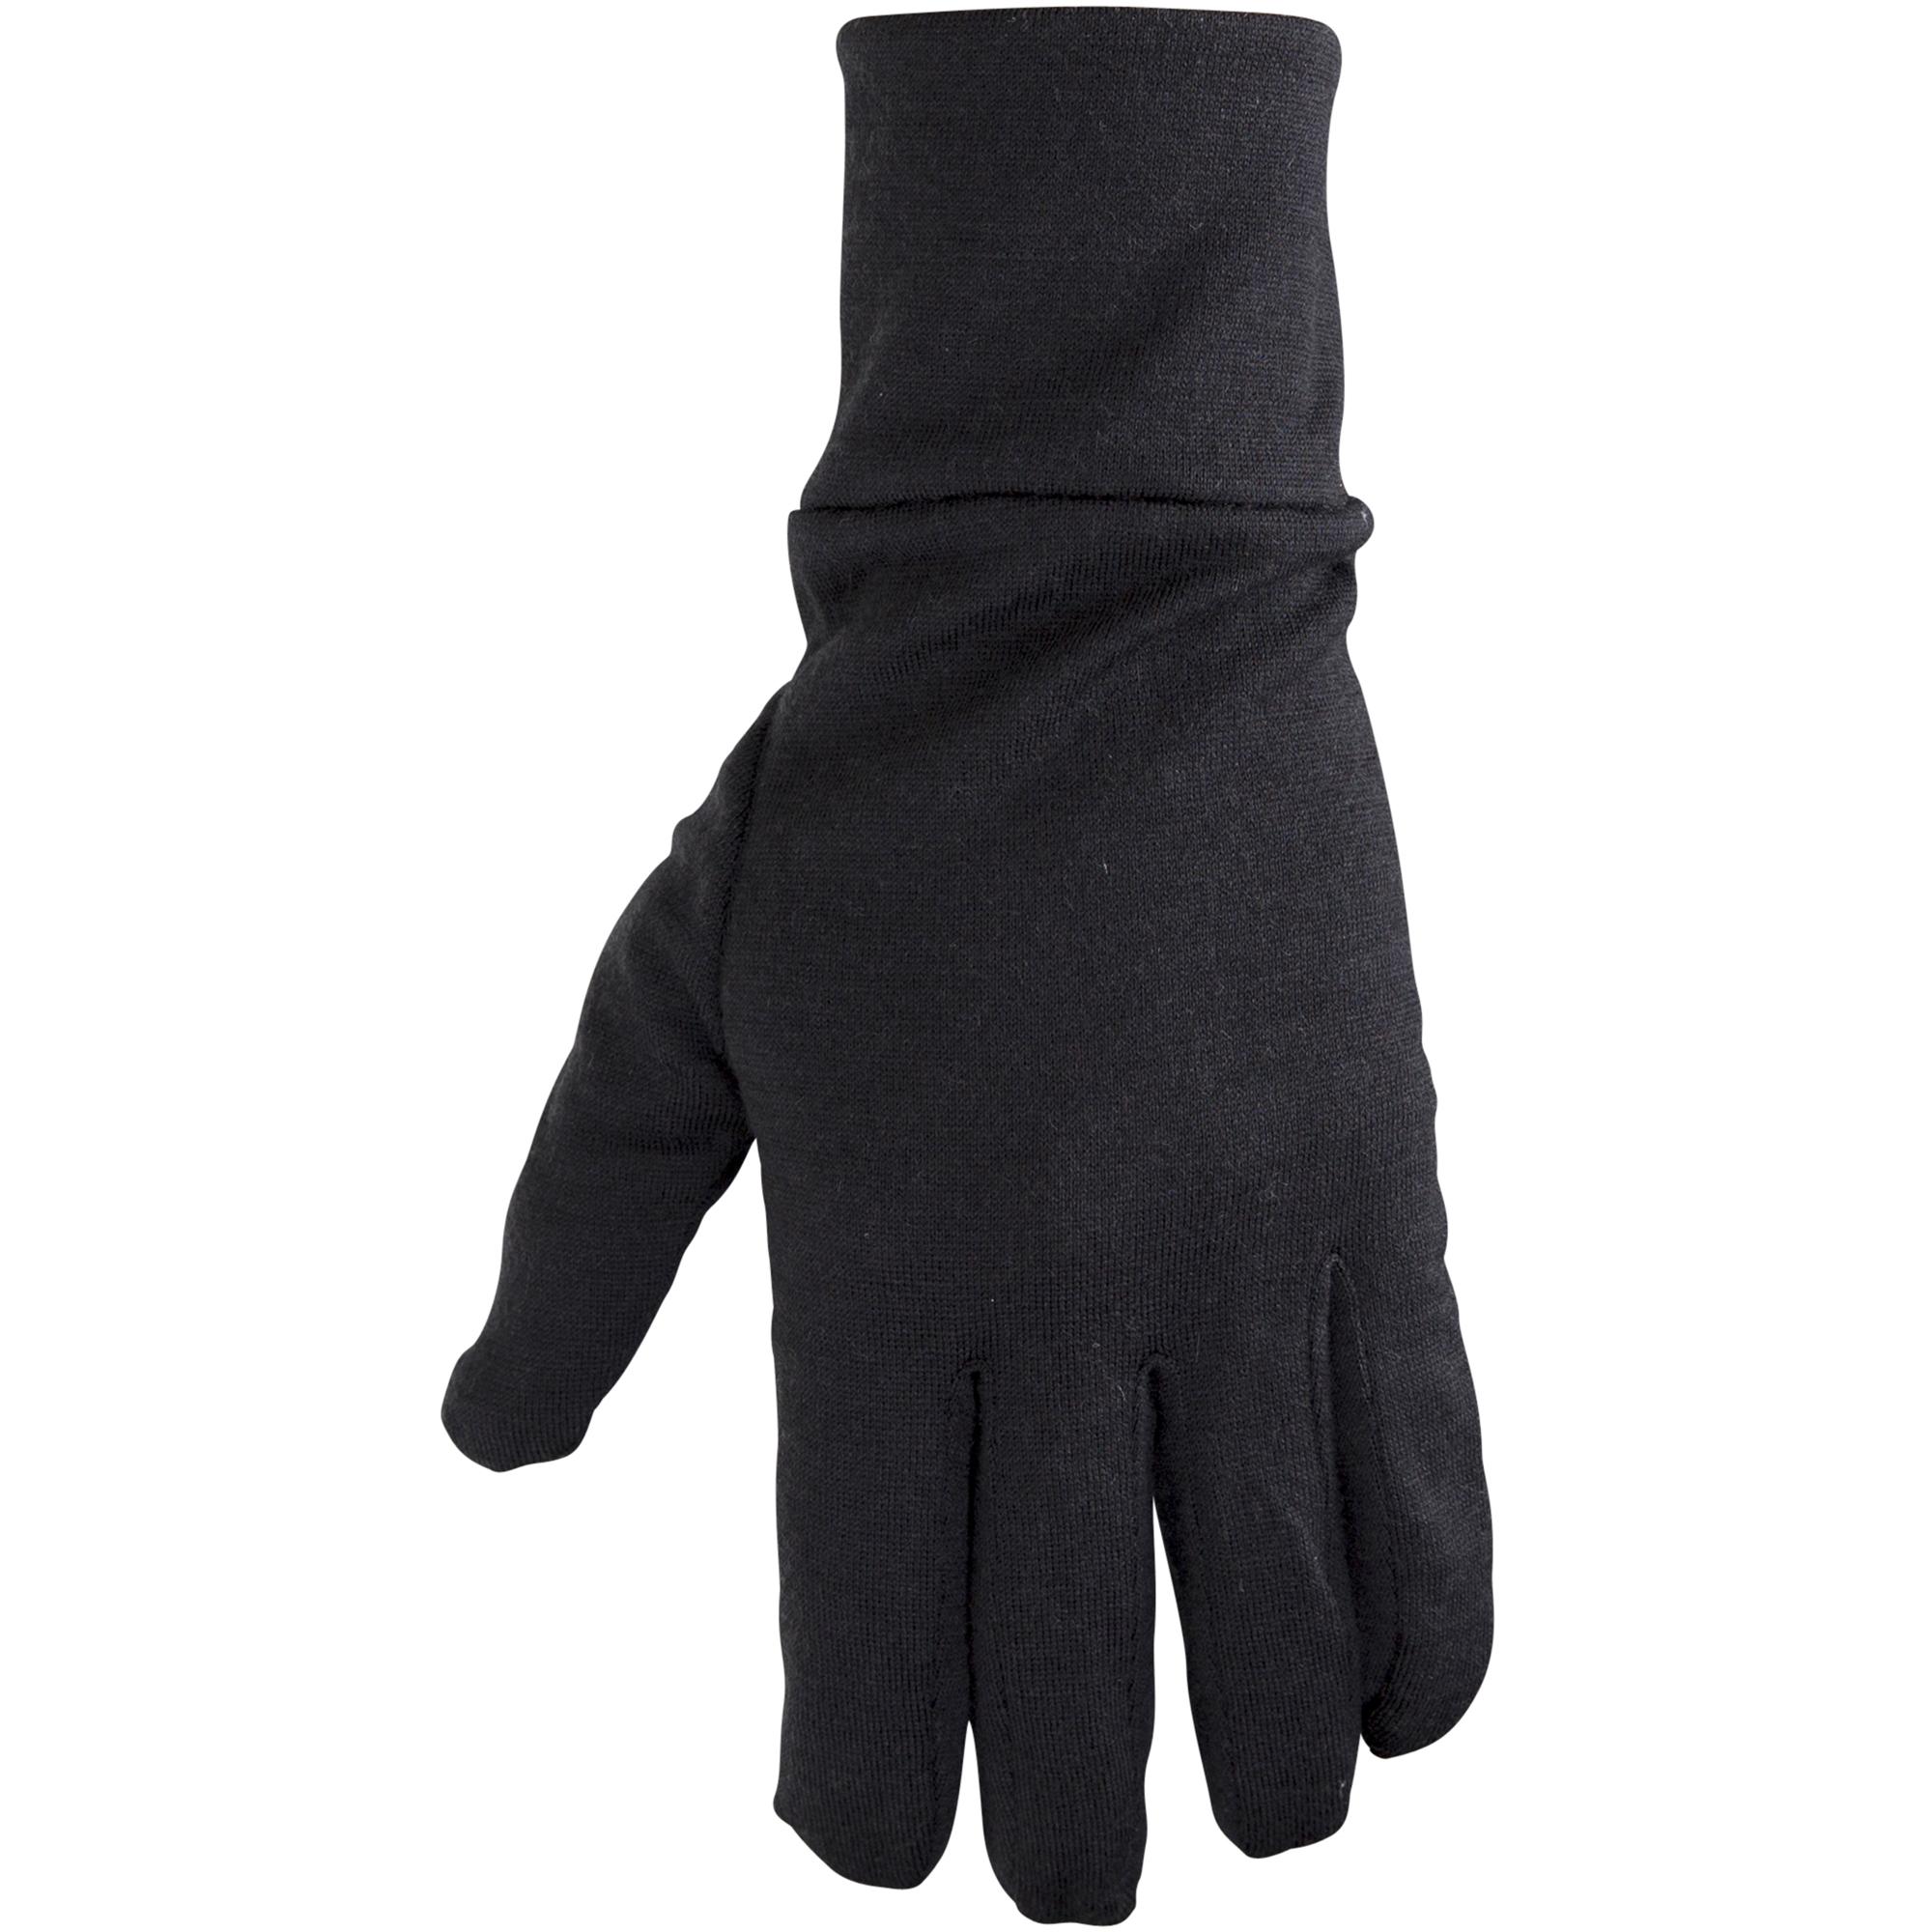 Ulvang Liner Glove - Uld inderhandske - Sort | Gloves